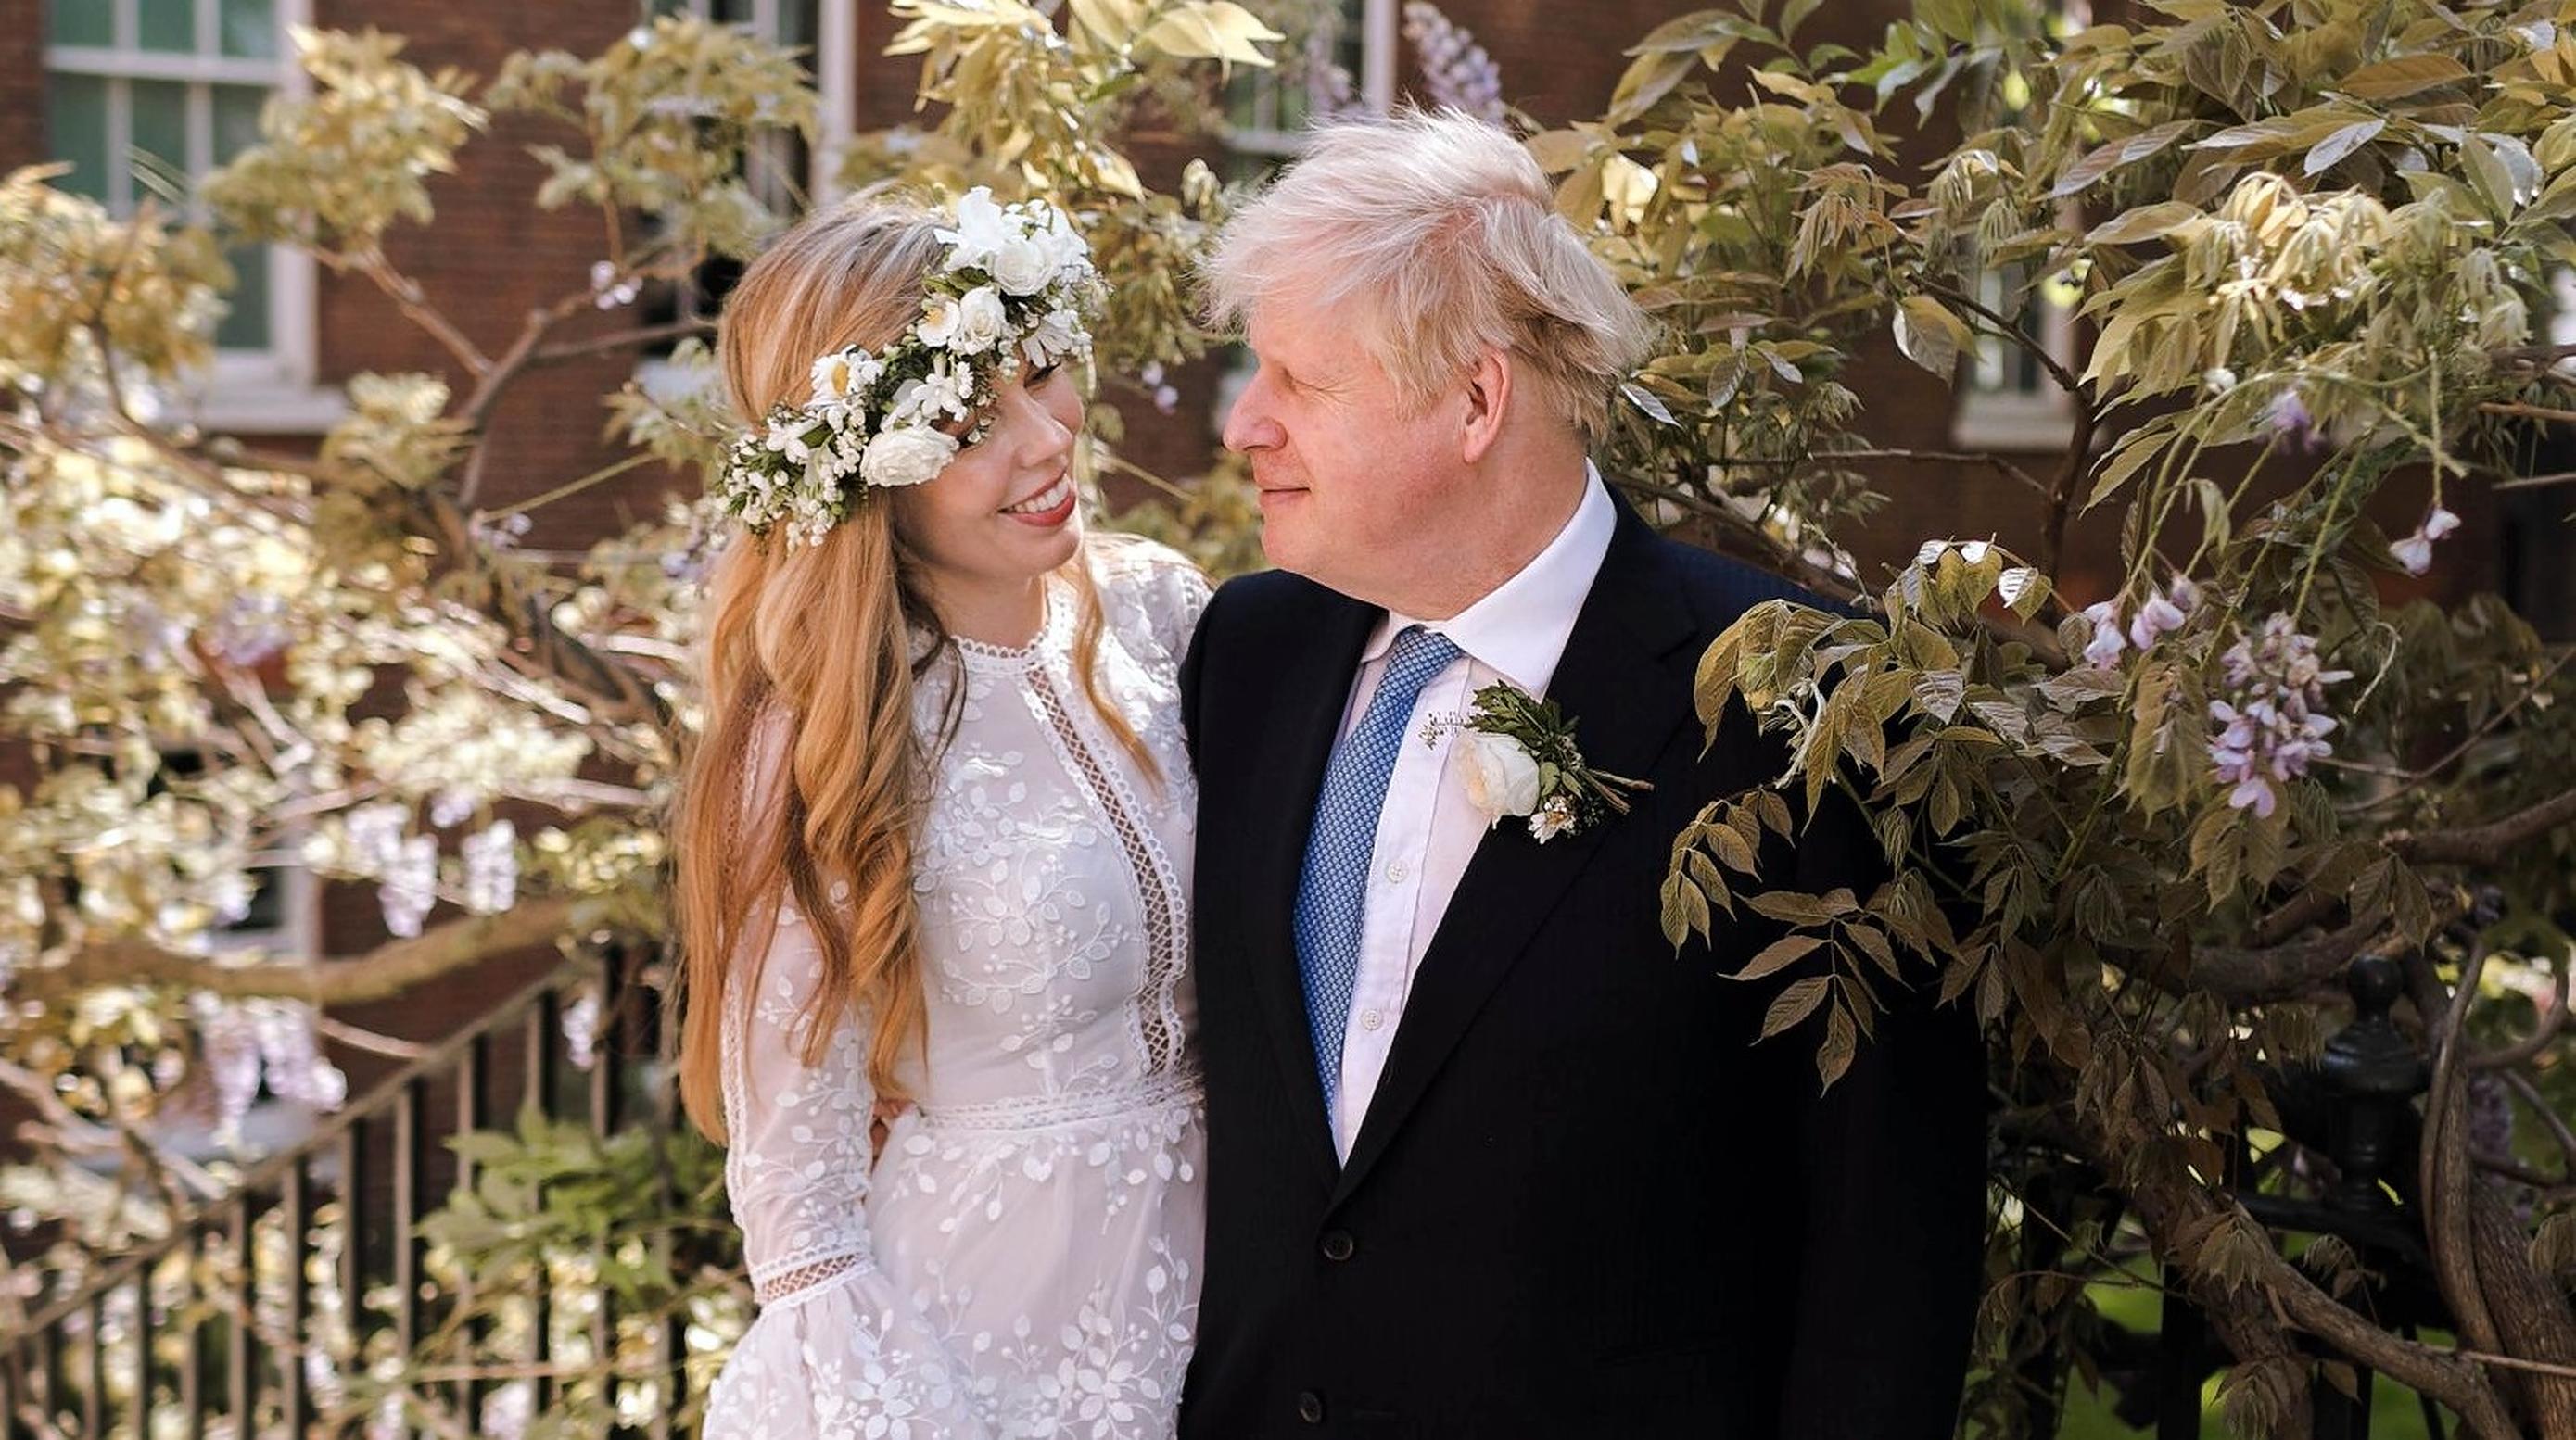 Boris Johnson publică prima fotografie de la nunta cu Carrie Symonds